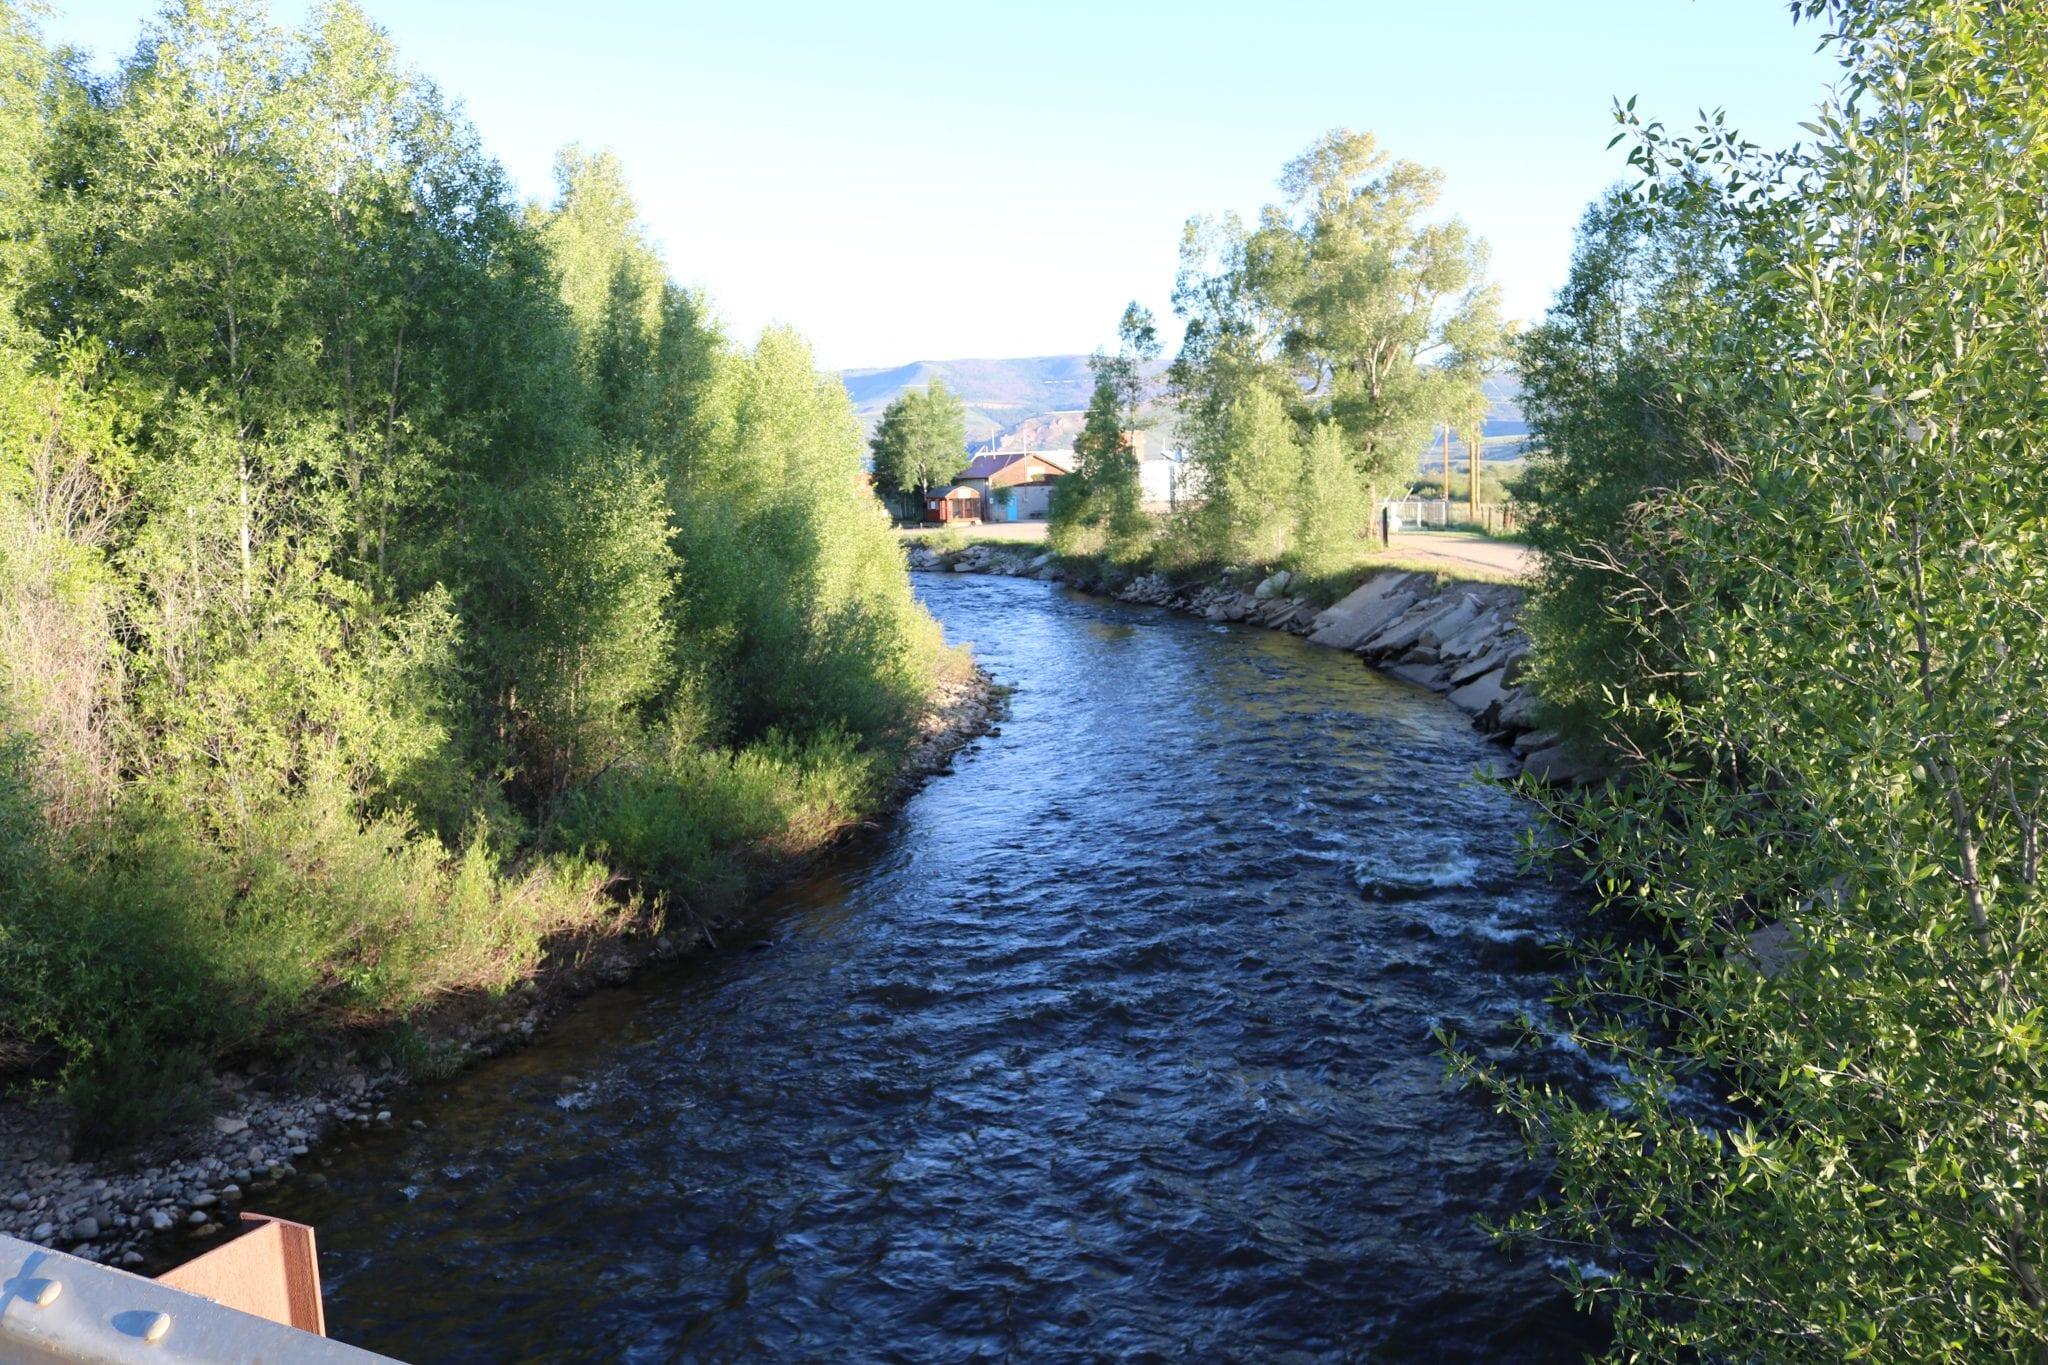 Fraser River near Granby CO